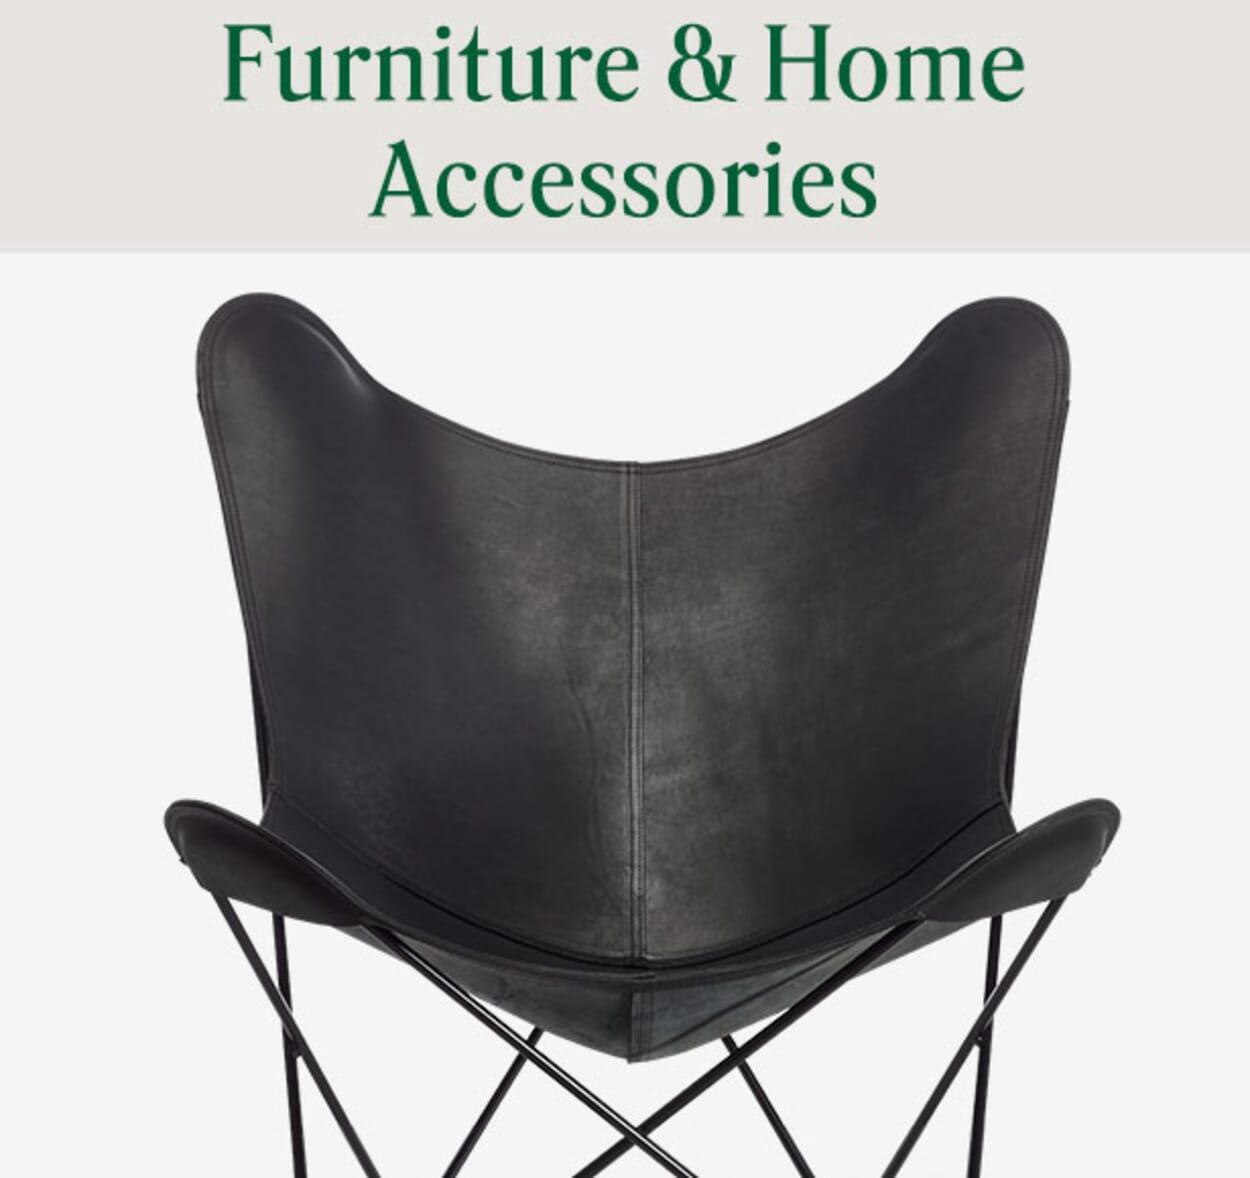 Furniture & Home Accessories